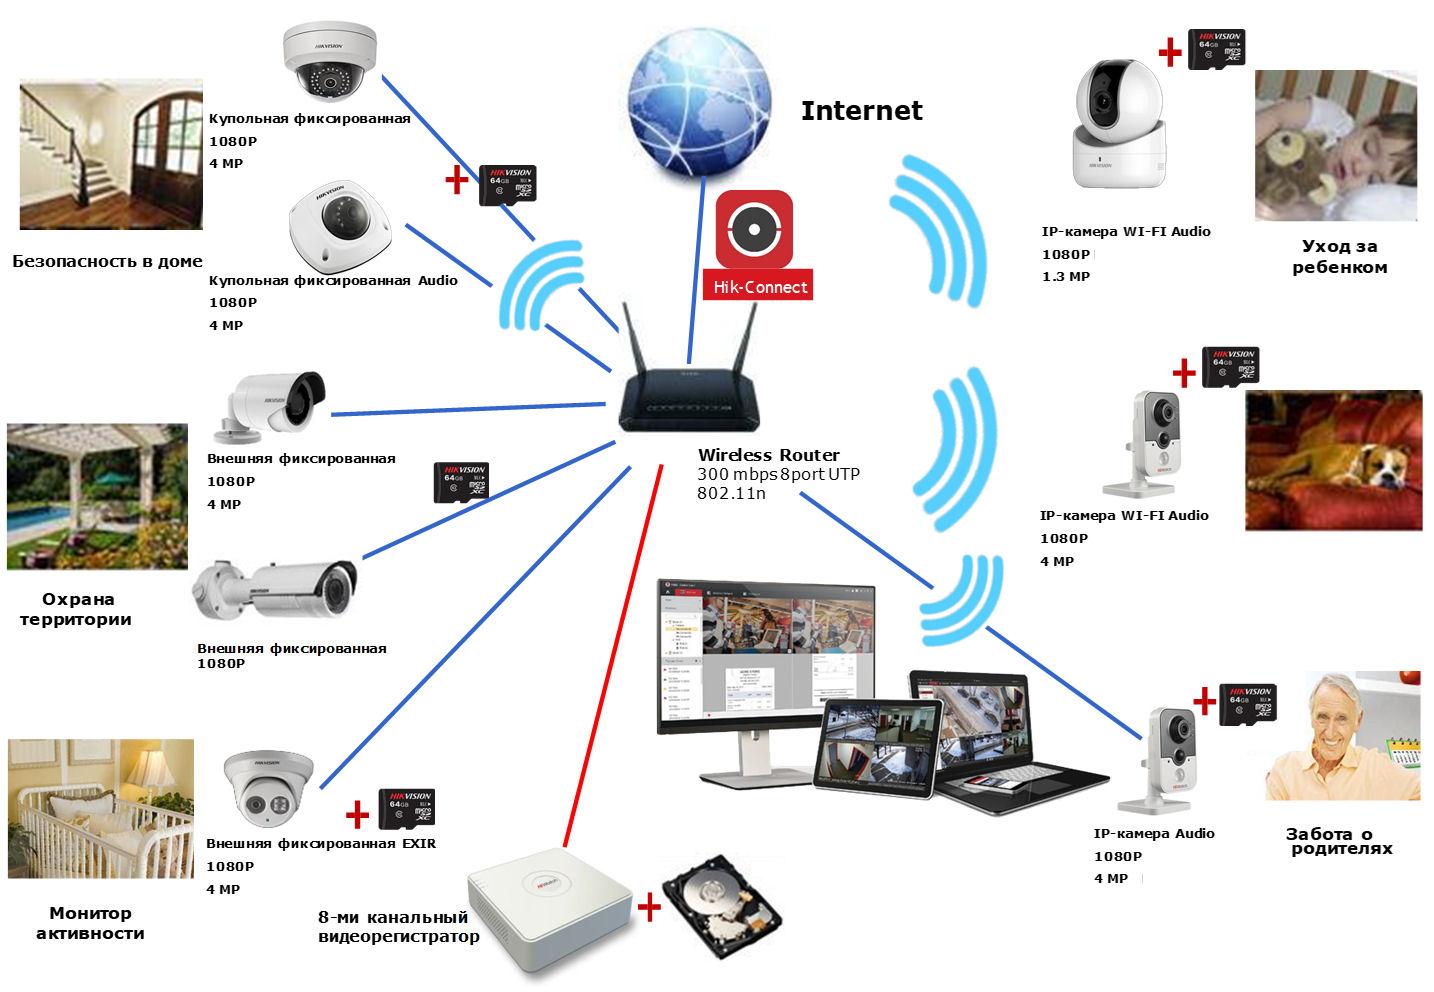 4MP WiFi+SD